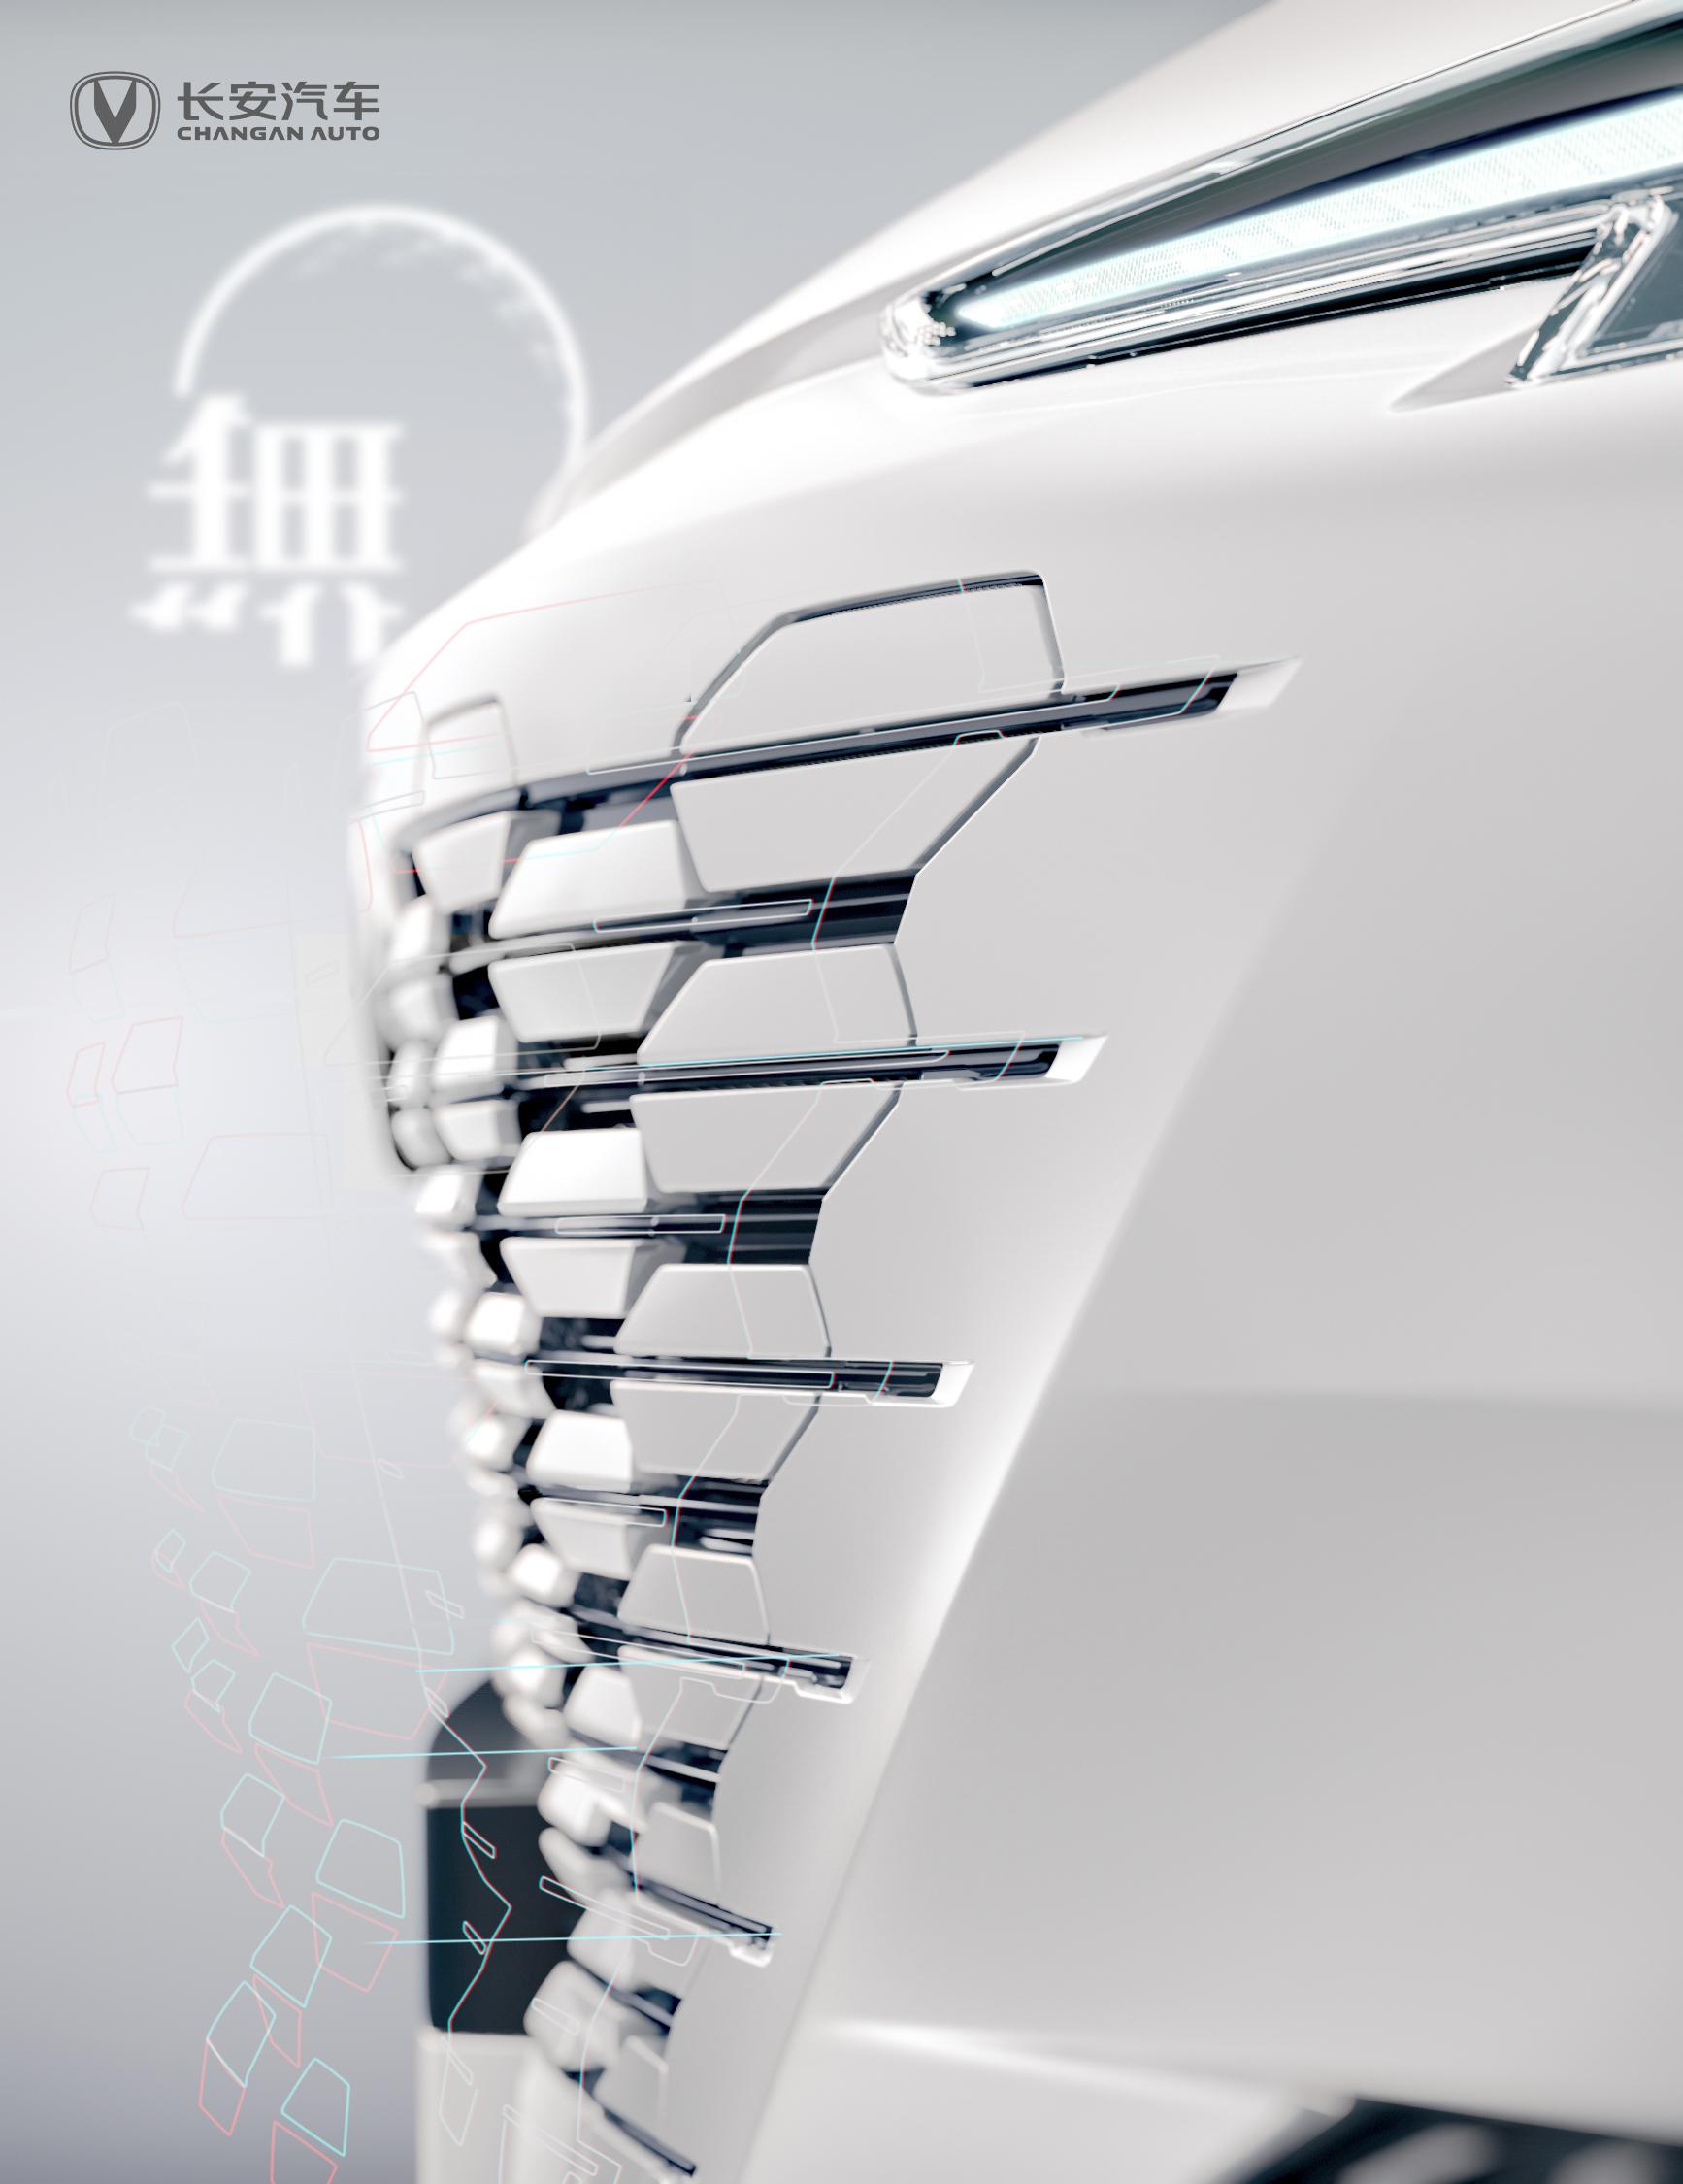 「汽车V报」吉利星瑞将于11月1日正式上市;宝马M3/M4专属高性能套件亮相-20201023